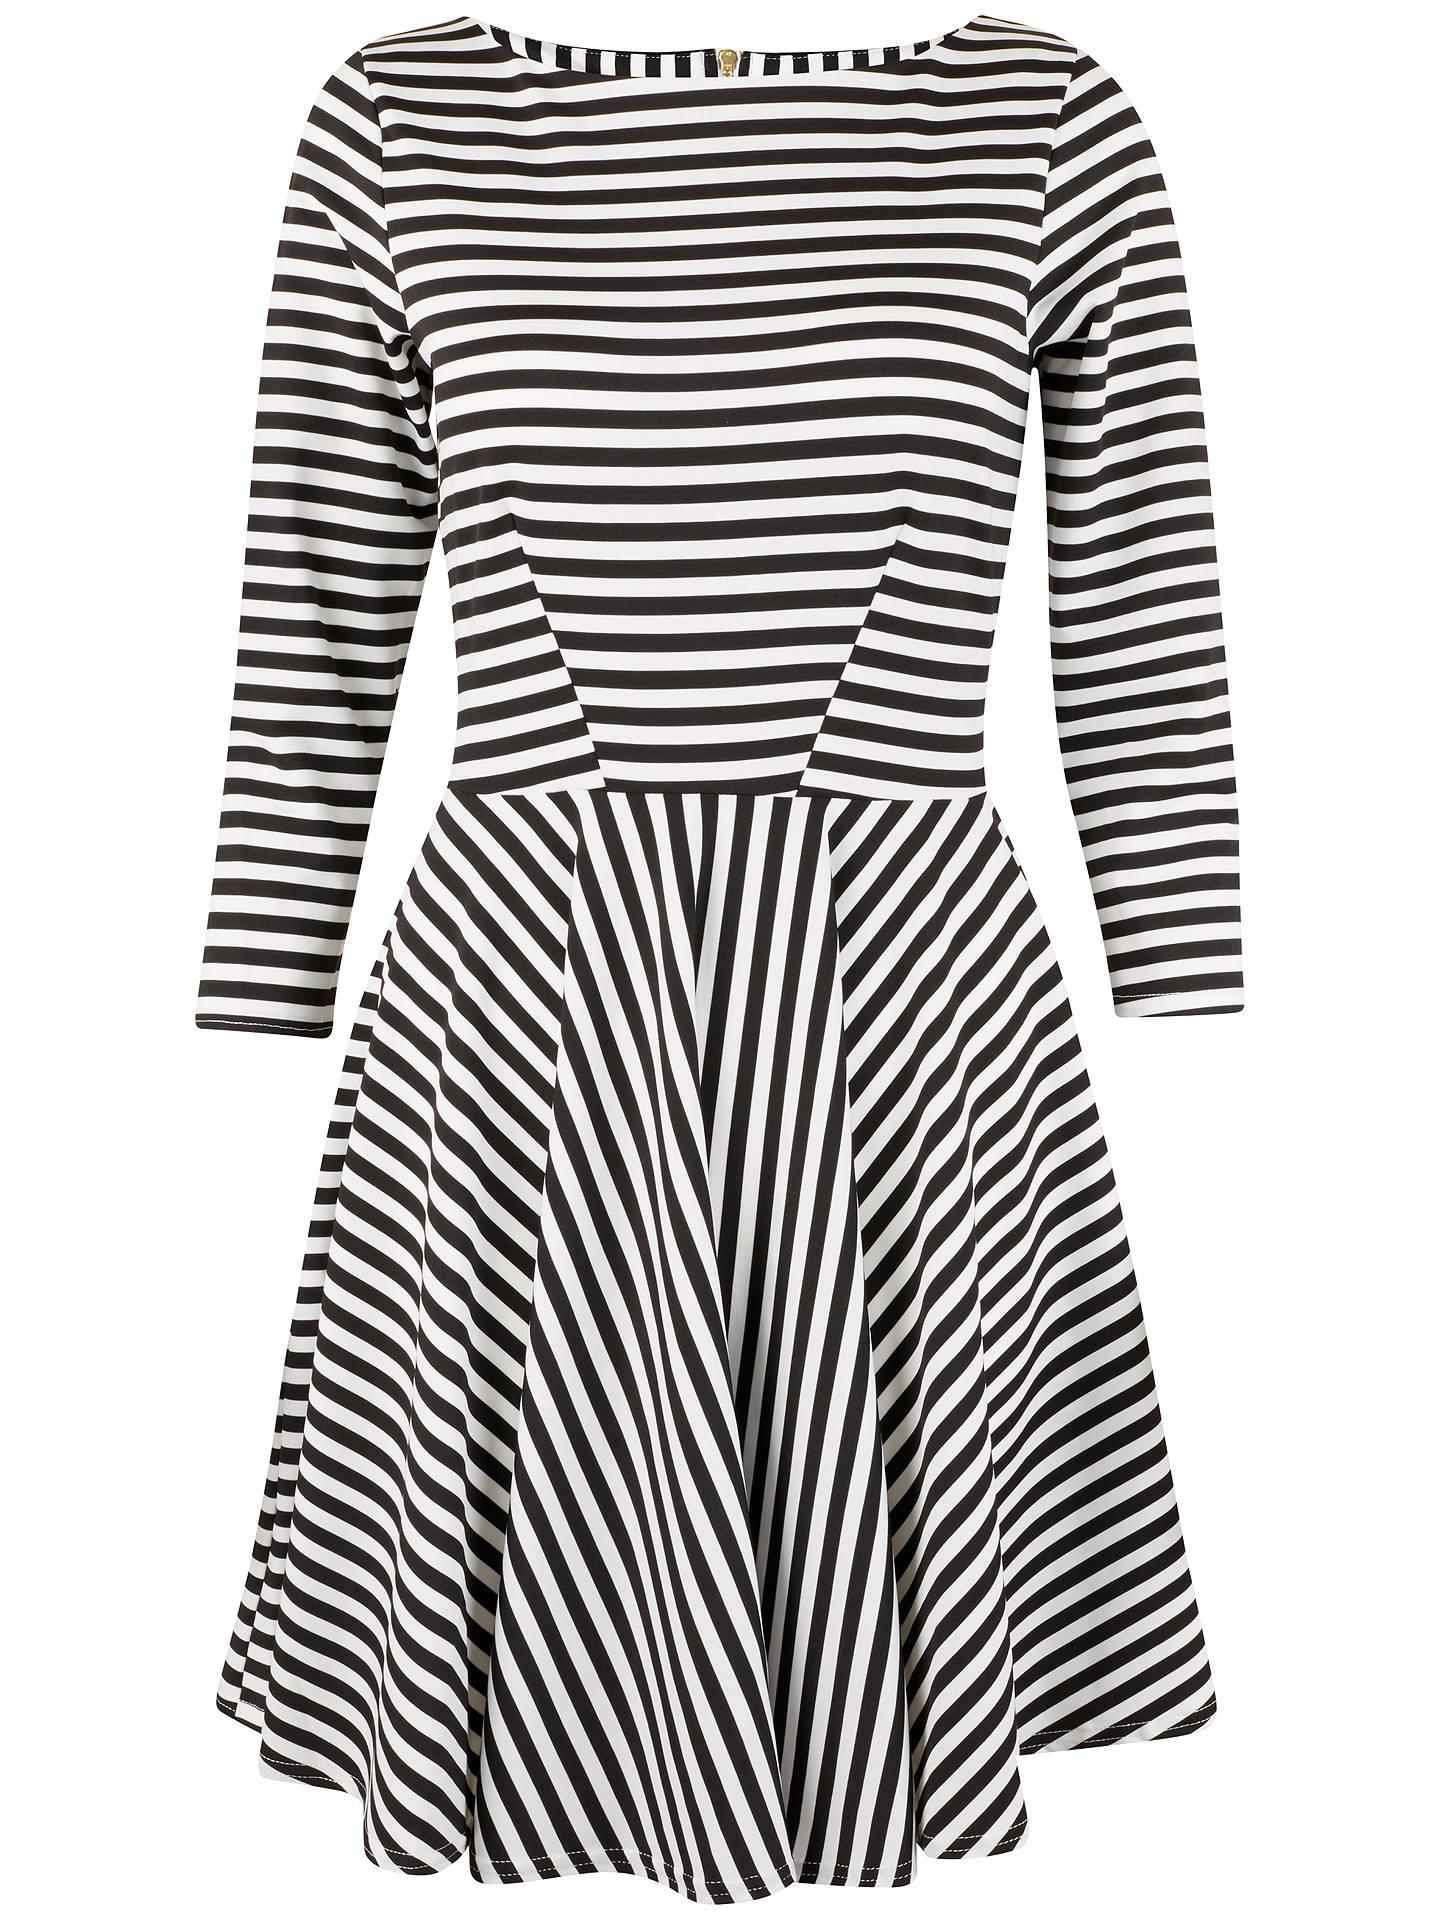 314a948784a4 Buy Closet Stripe Skater Dress